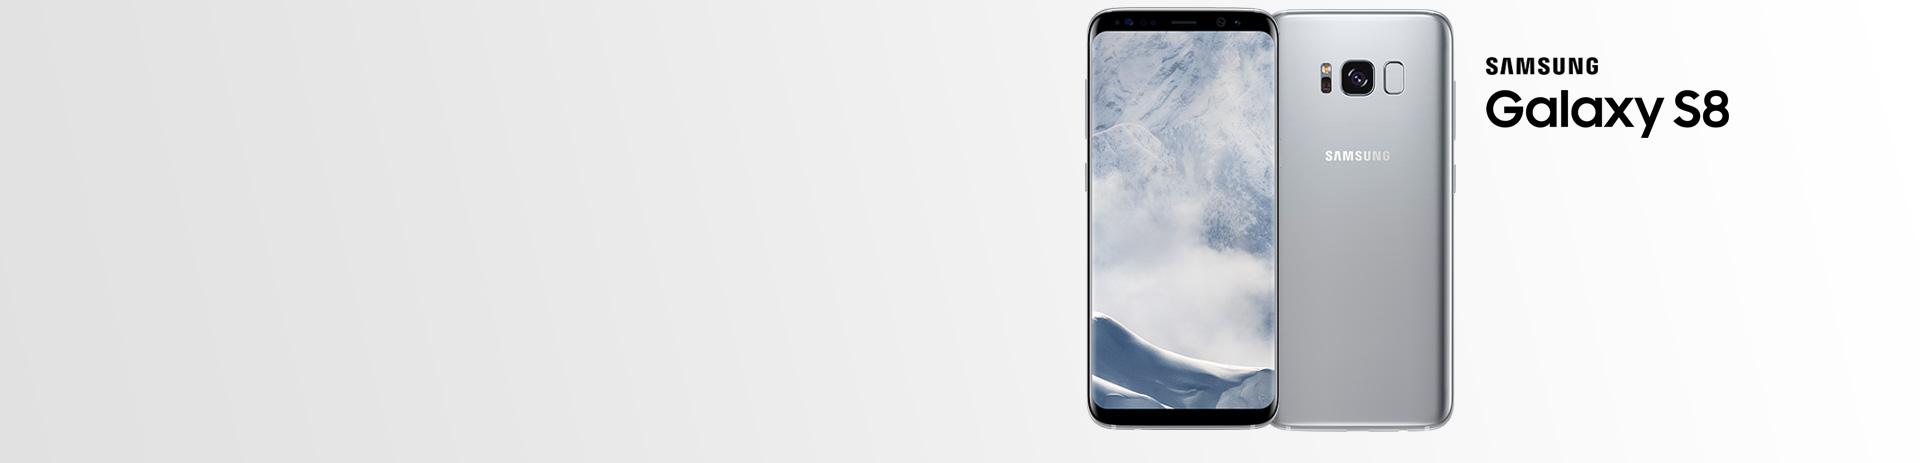 Samsung Galaxy S8 - exklusiv bei A1 in arctiv silver!